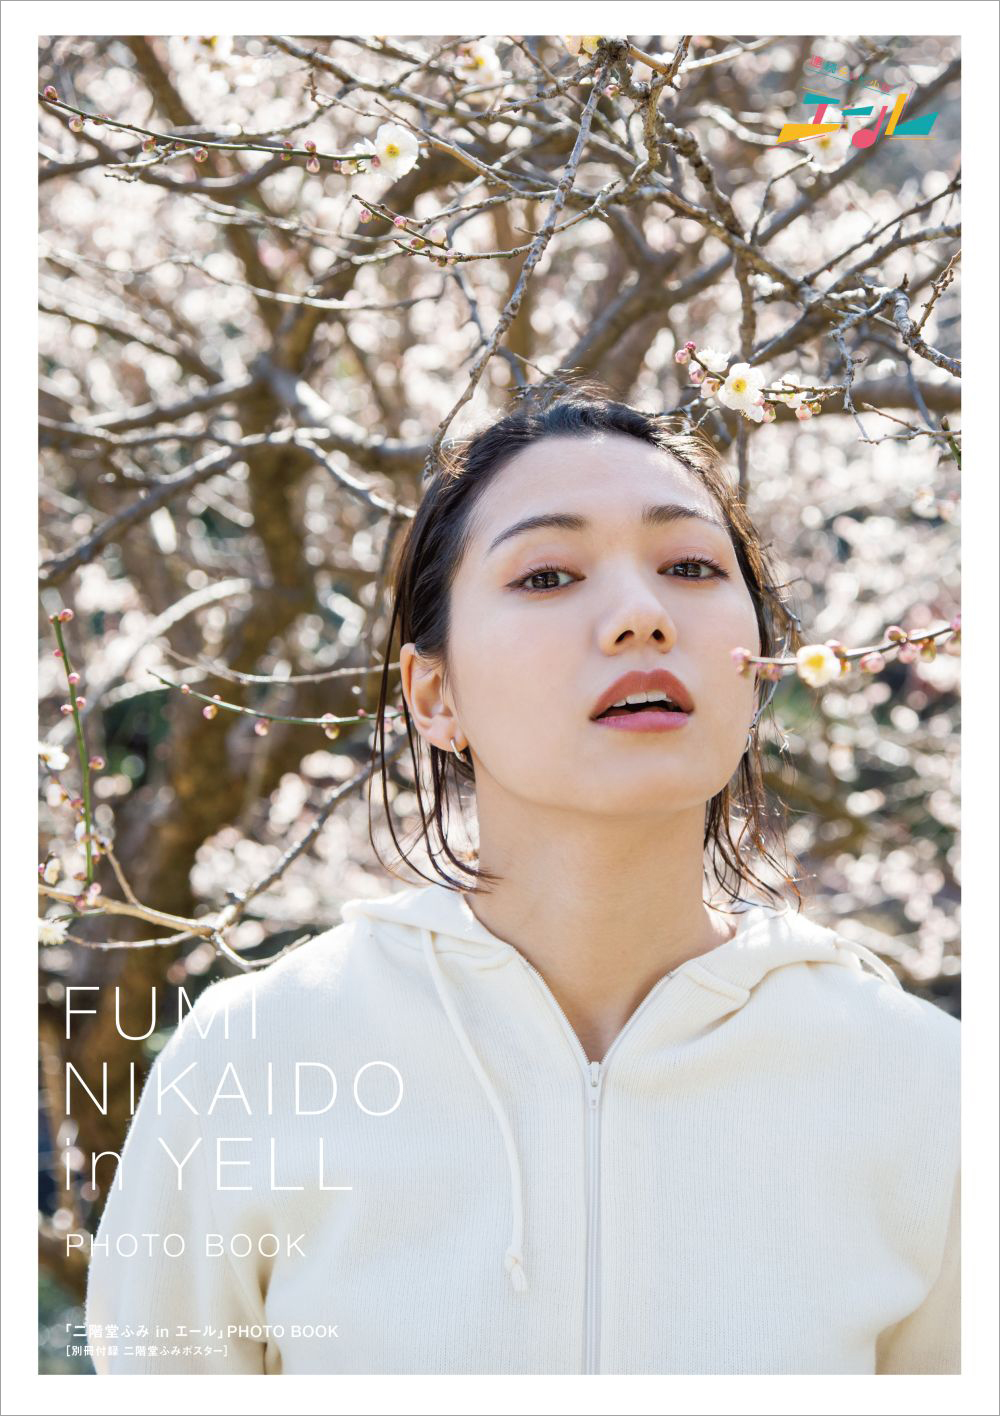 連続テレビ小説「エール」のヒロイン女優・二階堂ふみの等身大の姿を収めたPHOTO BOOK